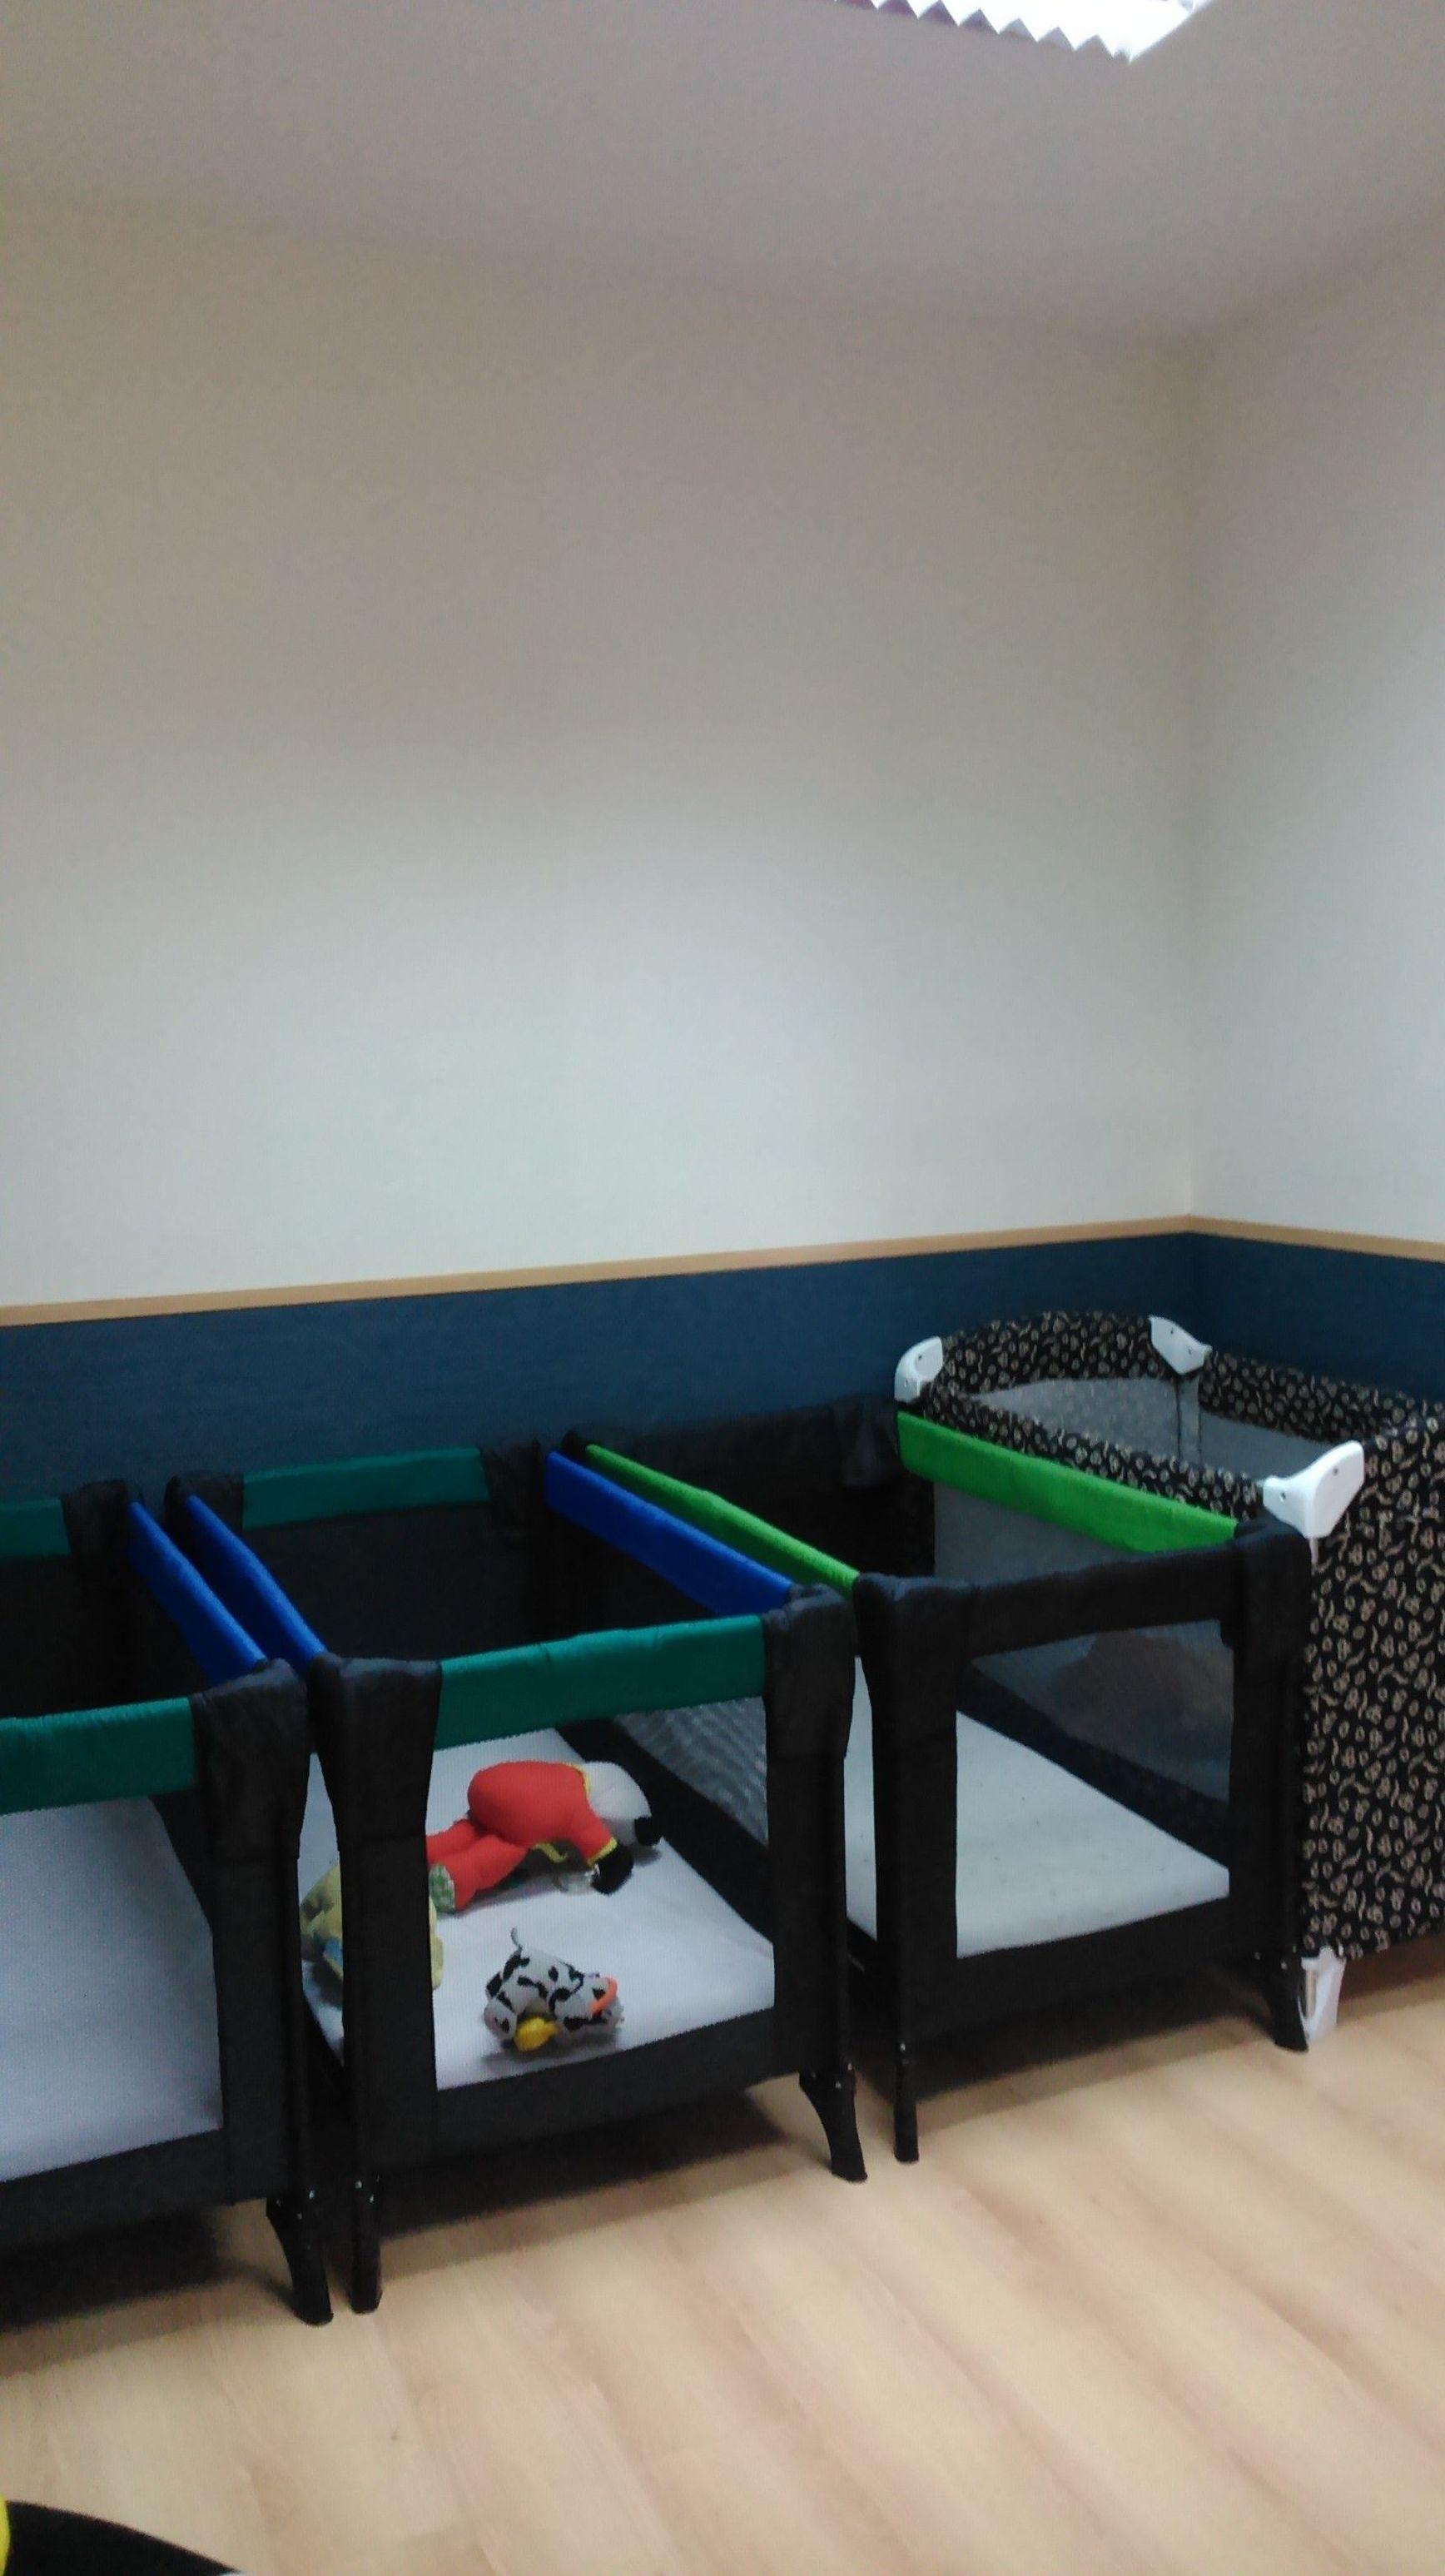 Escuela infantil Villaverde aula bebés 0-12 meses http://www.guarderiaenvillaverde.com/es/